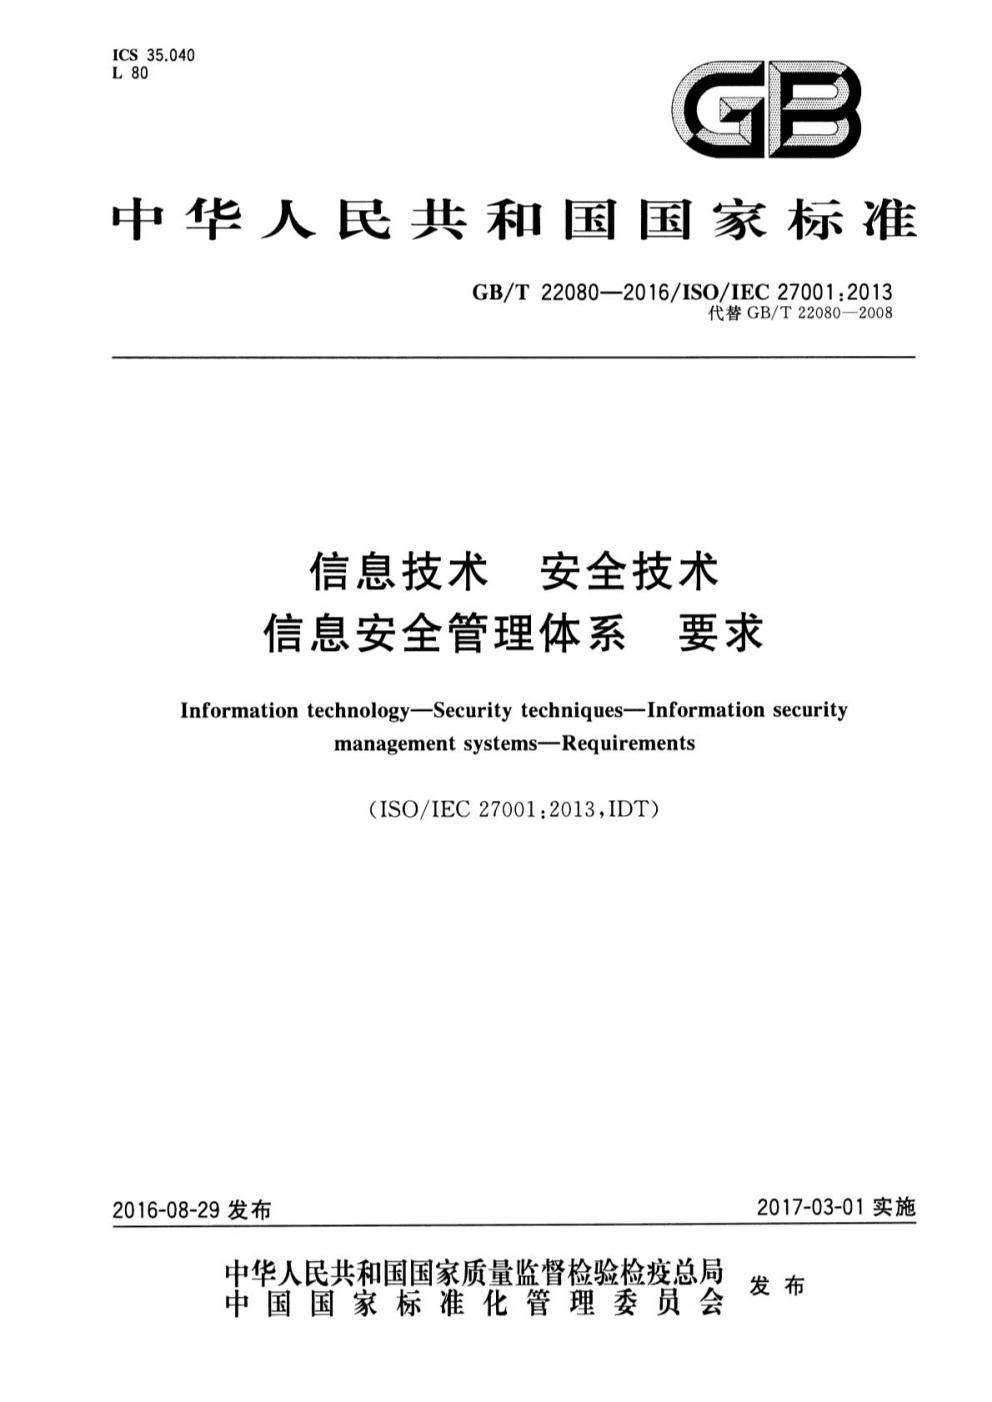 GBT 22080-2016 信息技术 安全技术 信息安全管理体系要求.docx